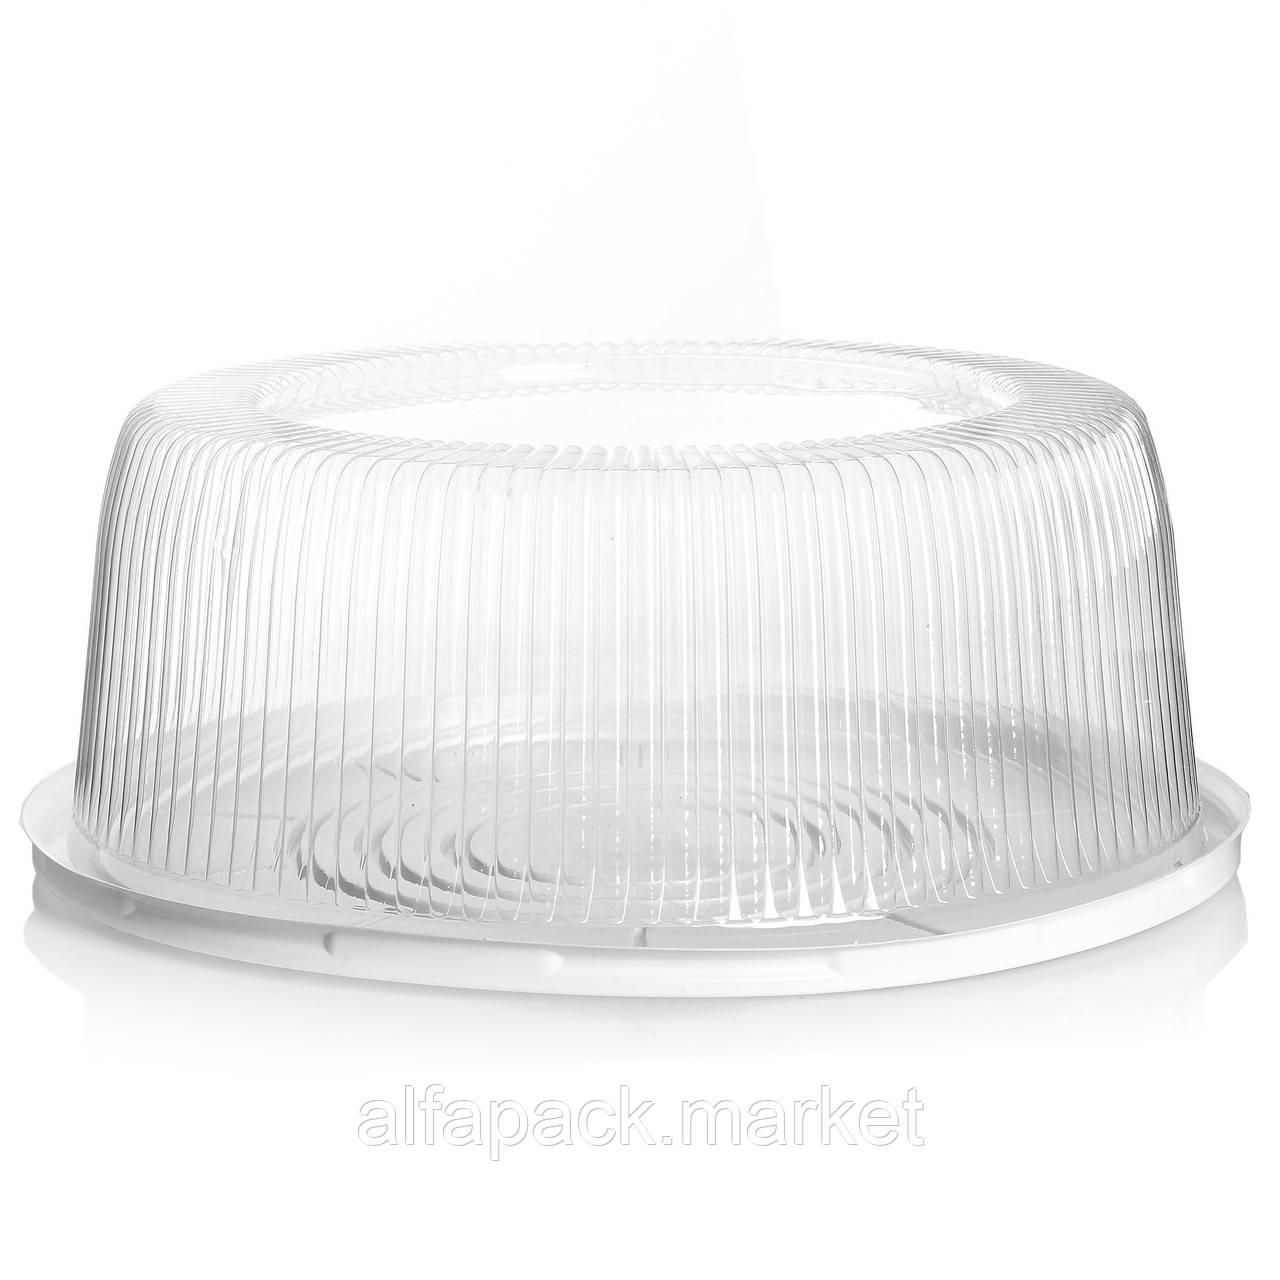 ПС-260 Упаковка для кондитерских изделий 335*122 (75 шт в упаковке) 010100075